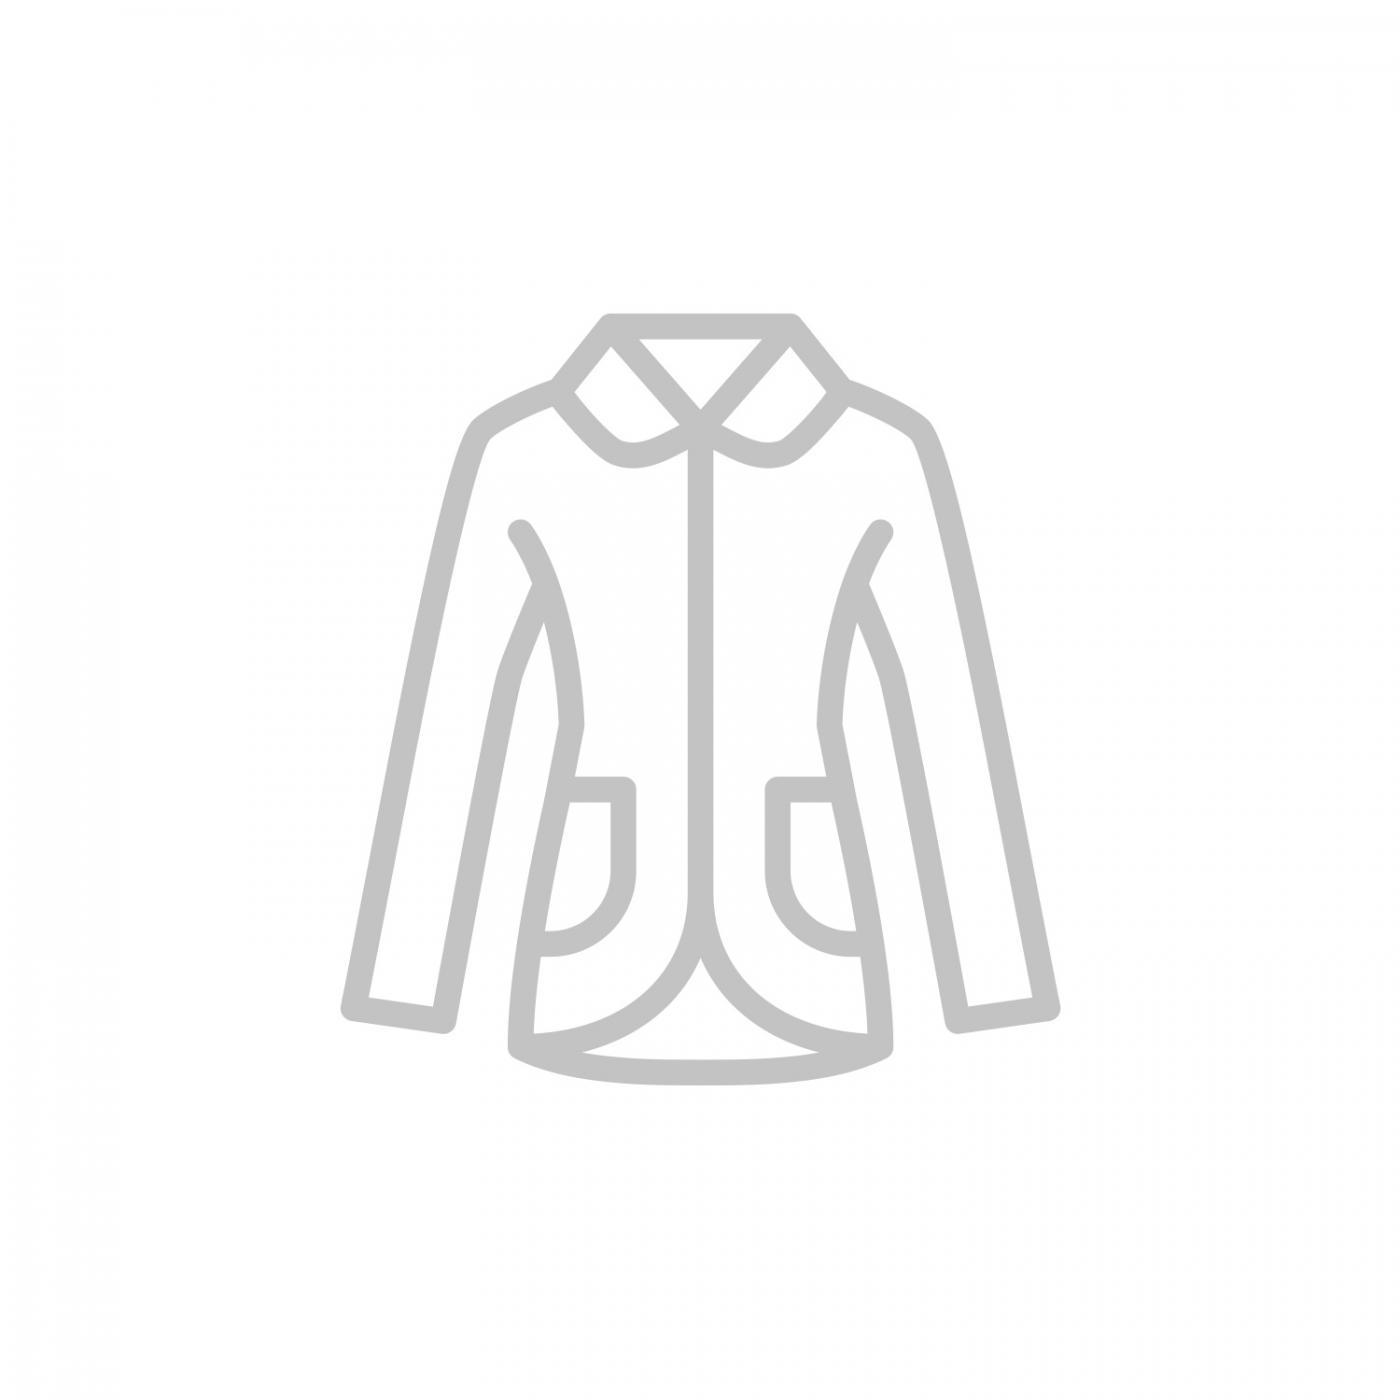 Pyjama 59 95 u20ac mode direkt vom hersteller » ringella